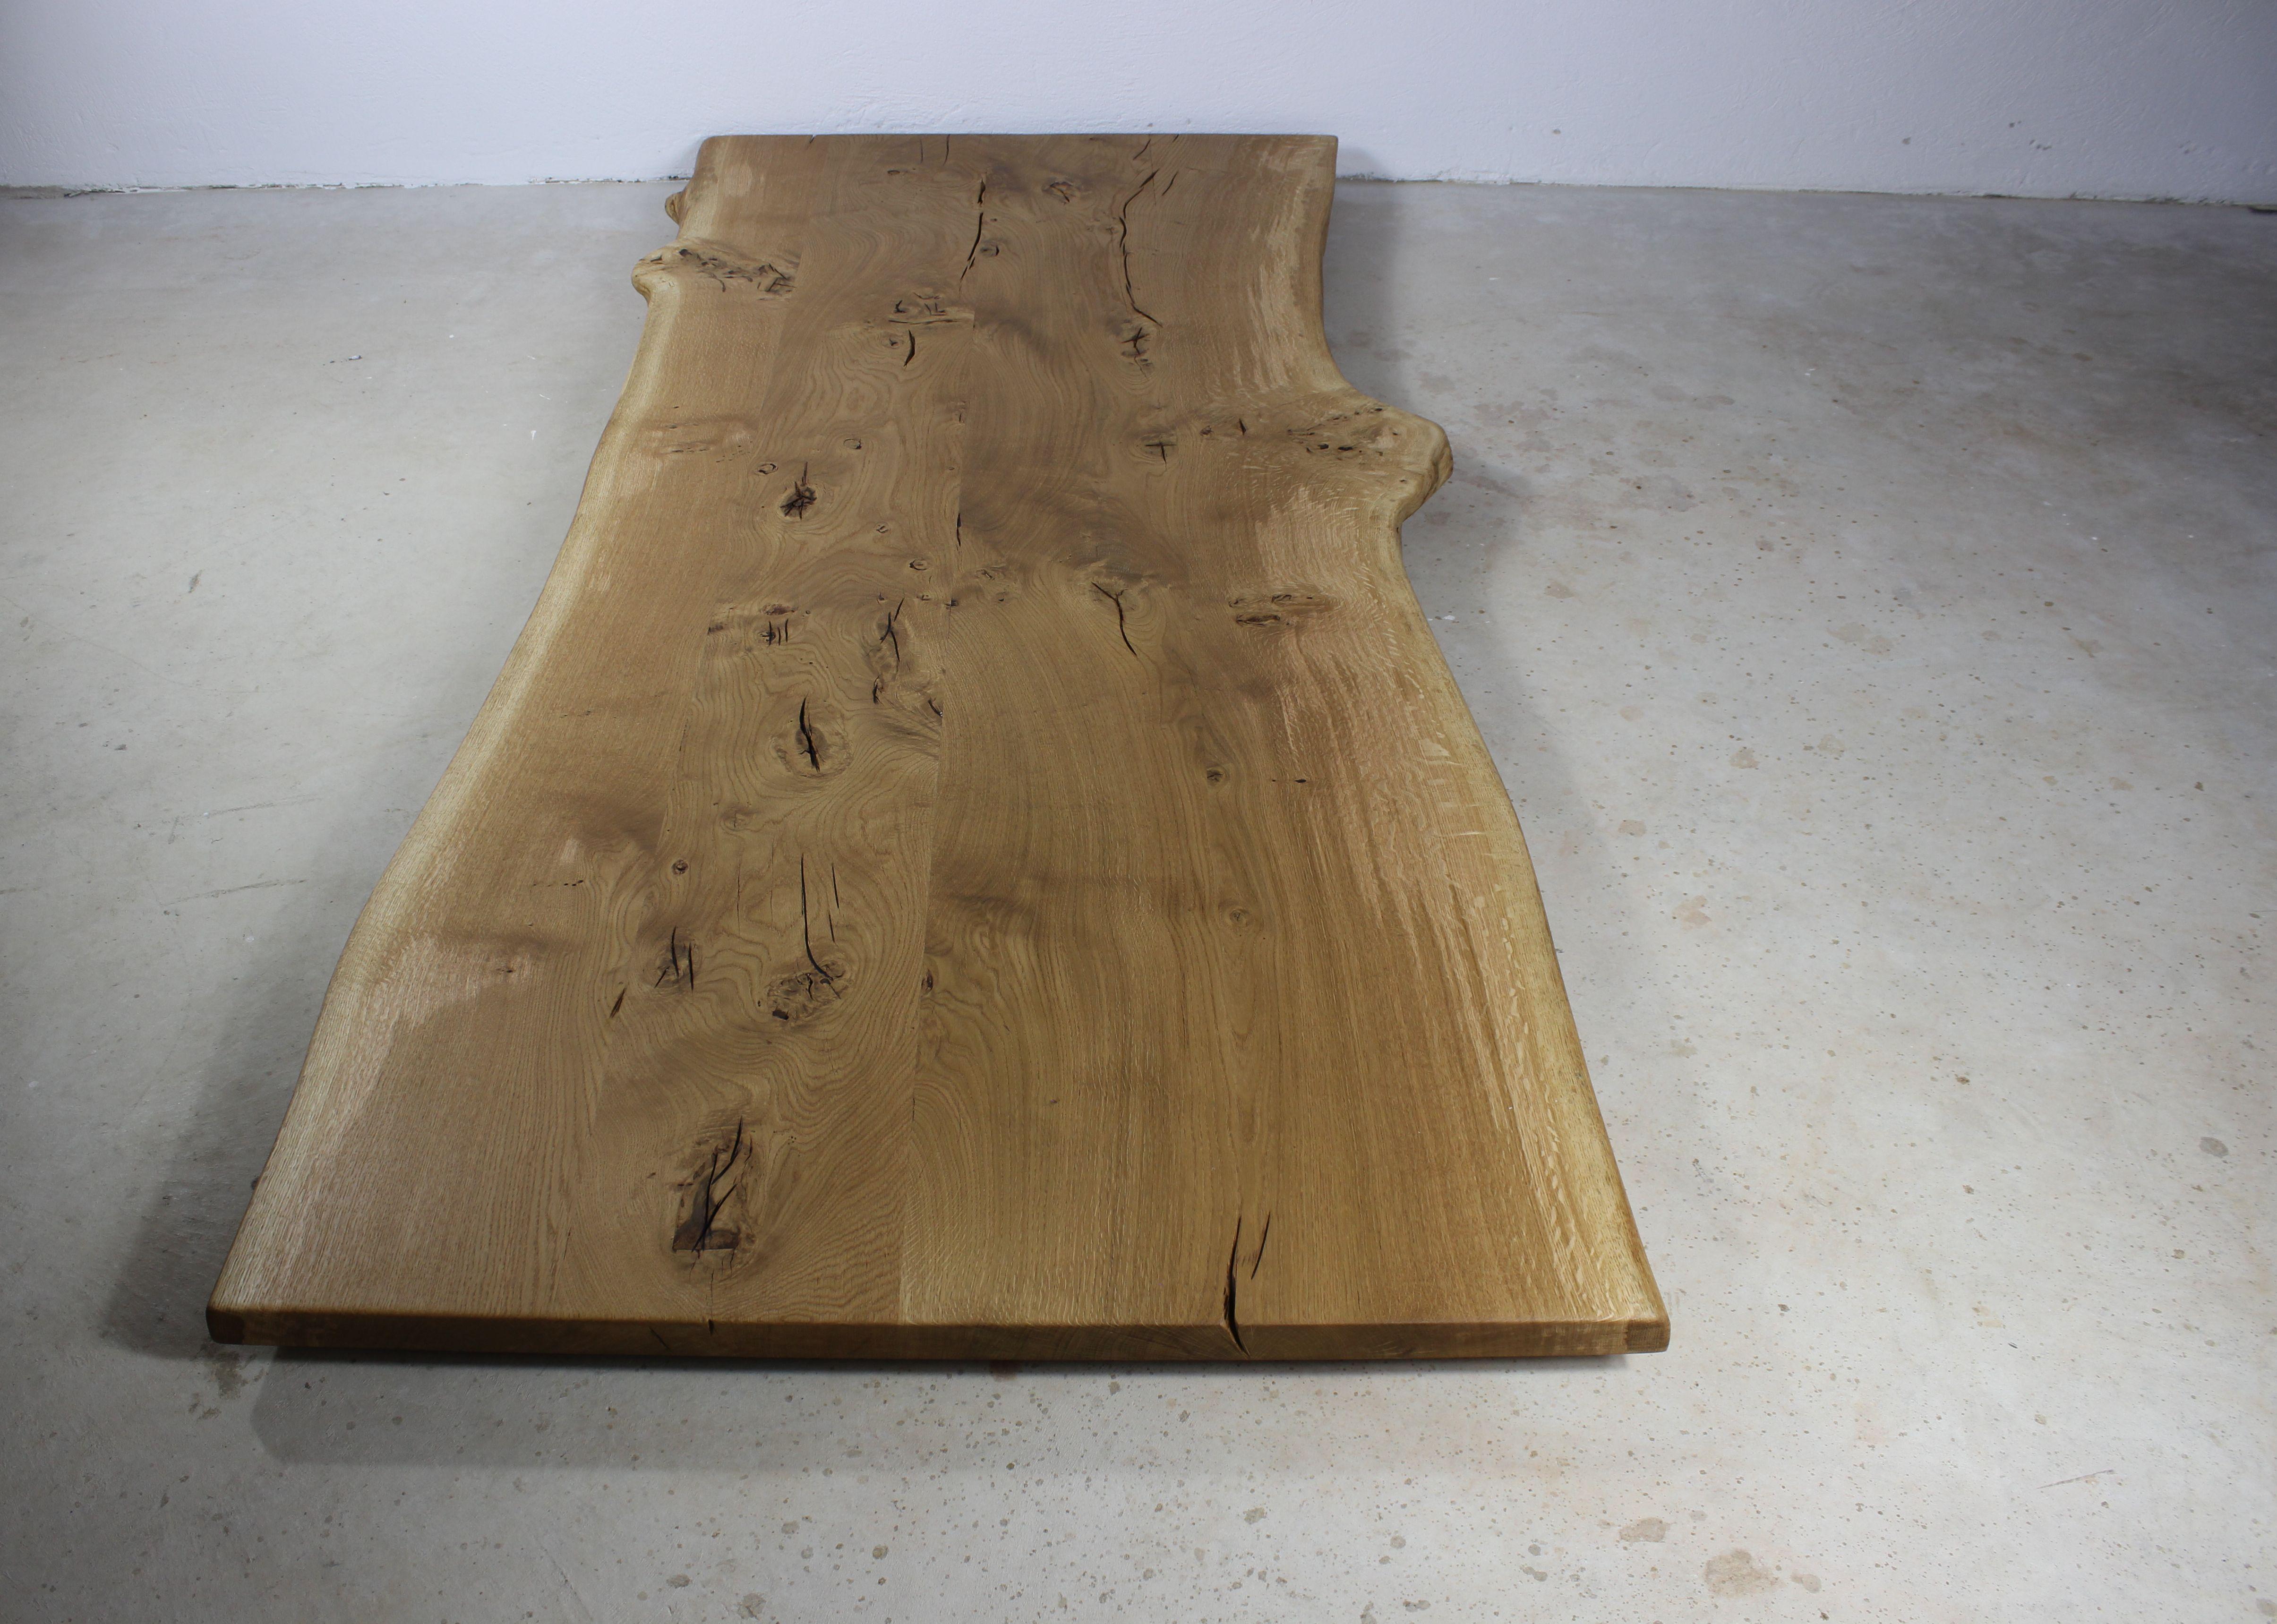 Tischplatte Massivholz Eiche Geolt Mit Baumkante 90x200 Cm